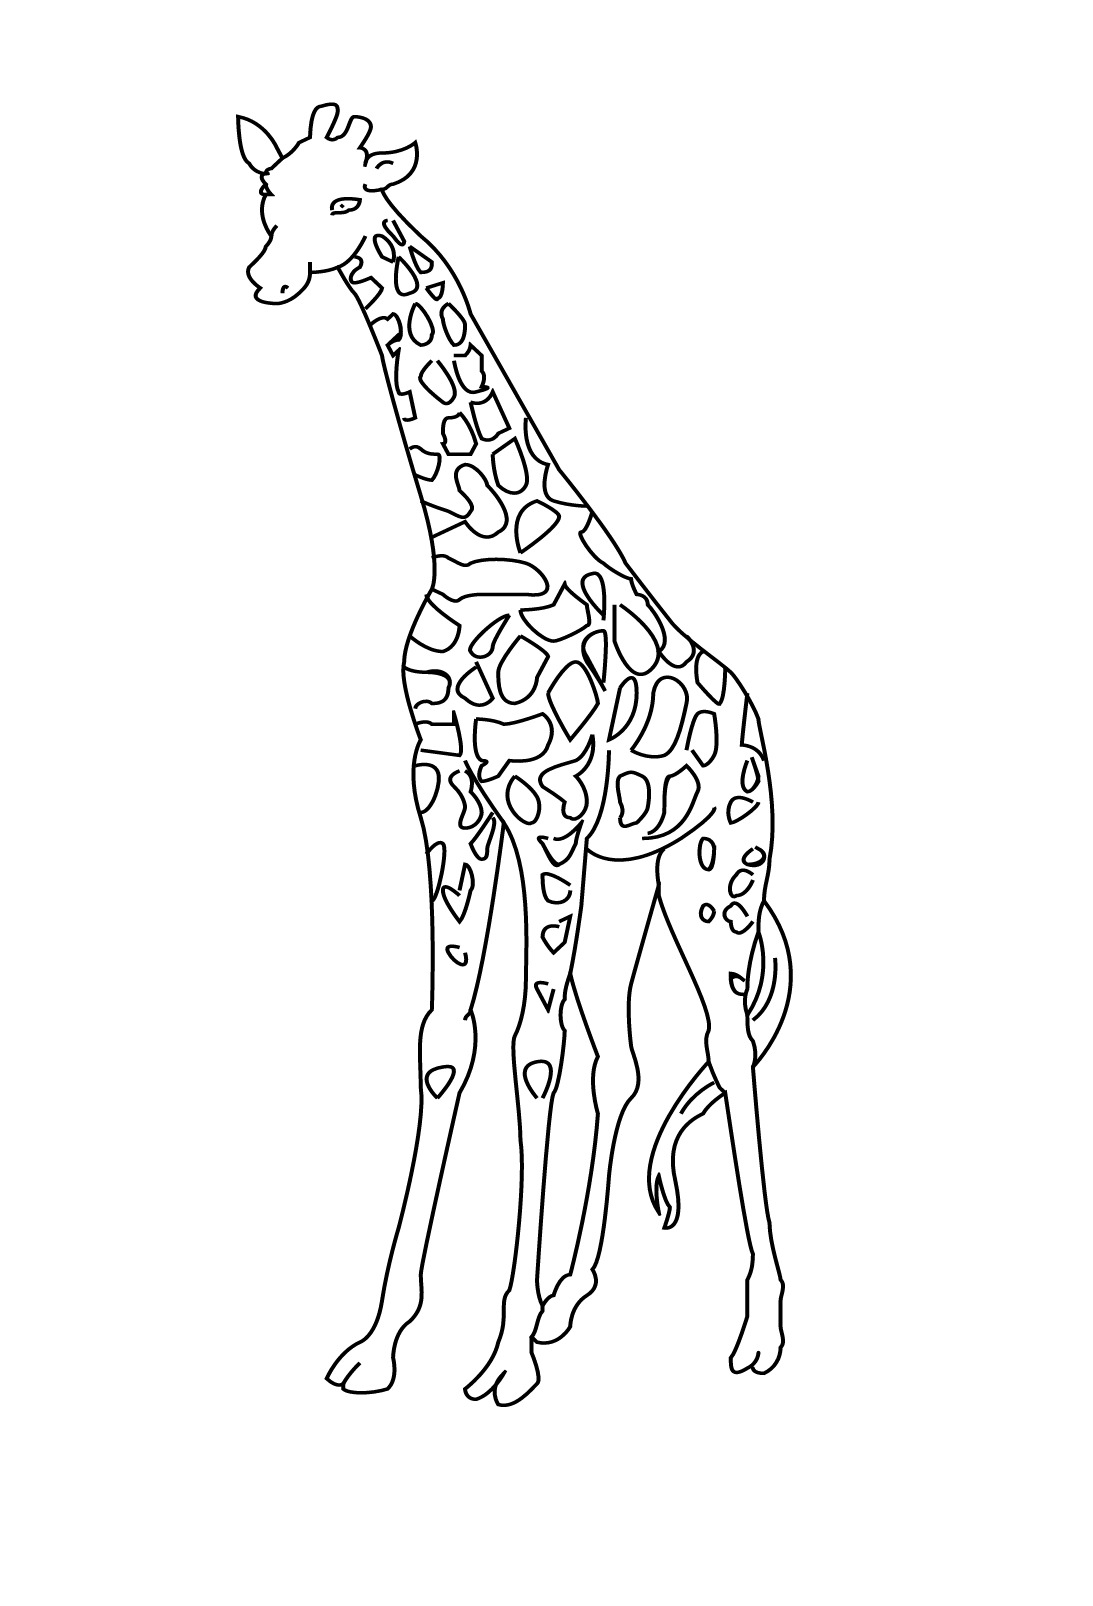 98 dessins de coloriage animaux sauvages imprimer - Coloriages animaux sauvages ...